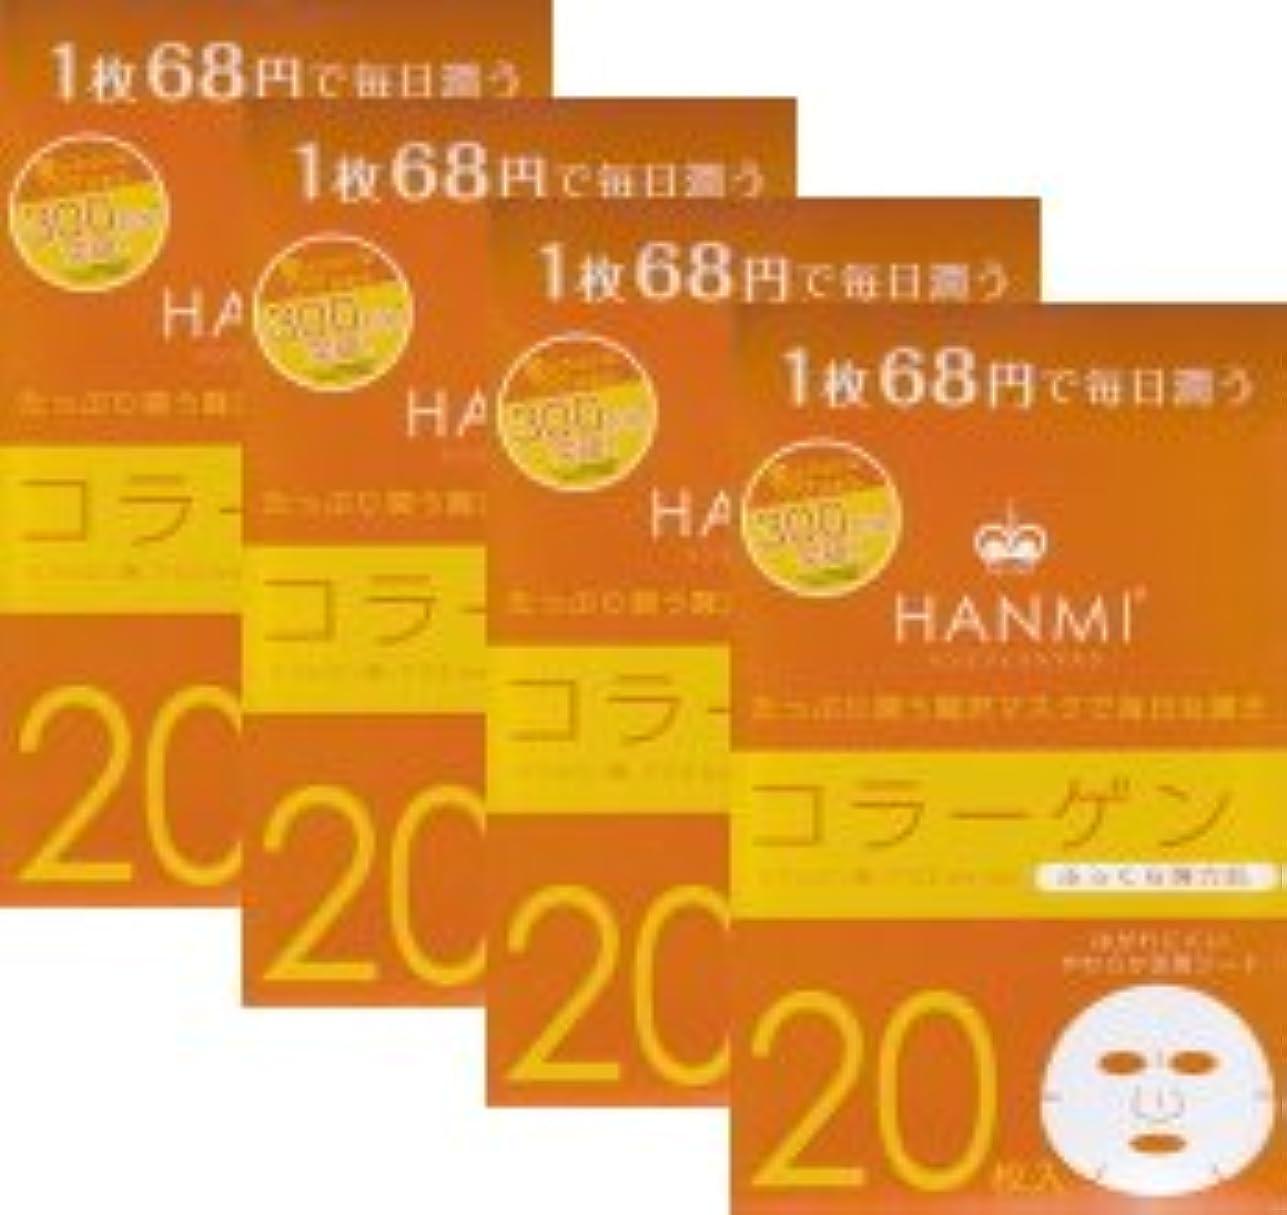 消費スカープモードMIGAKI ハンミフェイスマスク コラーゲン(20枚入り)×4個セット